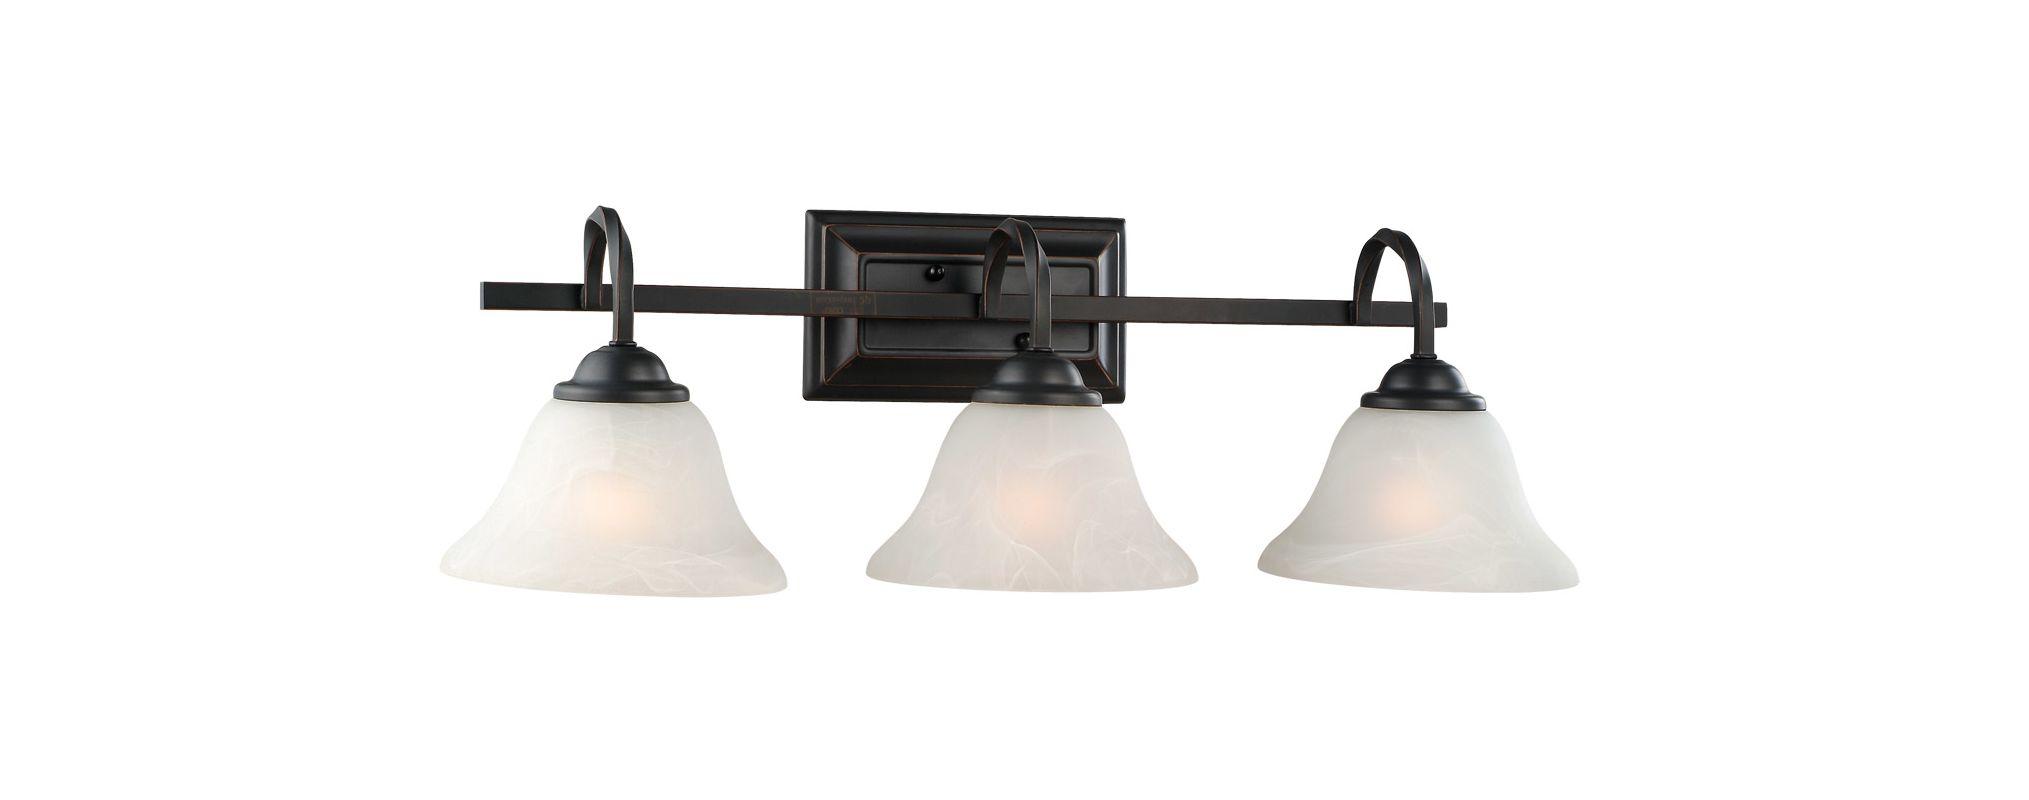 Rustic Bronze Vanity Lights : Design House 514901 Oil Rubbed Bronze Drake Rustic 3 Light Down Lighting Bathroom Vanity Fixture ...